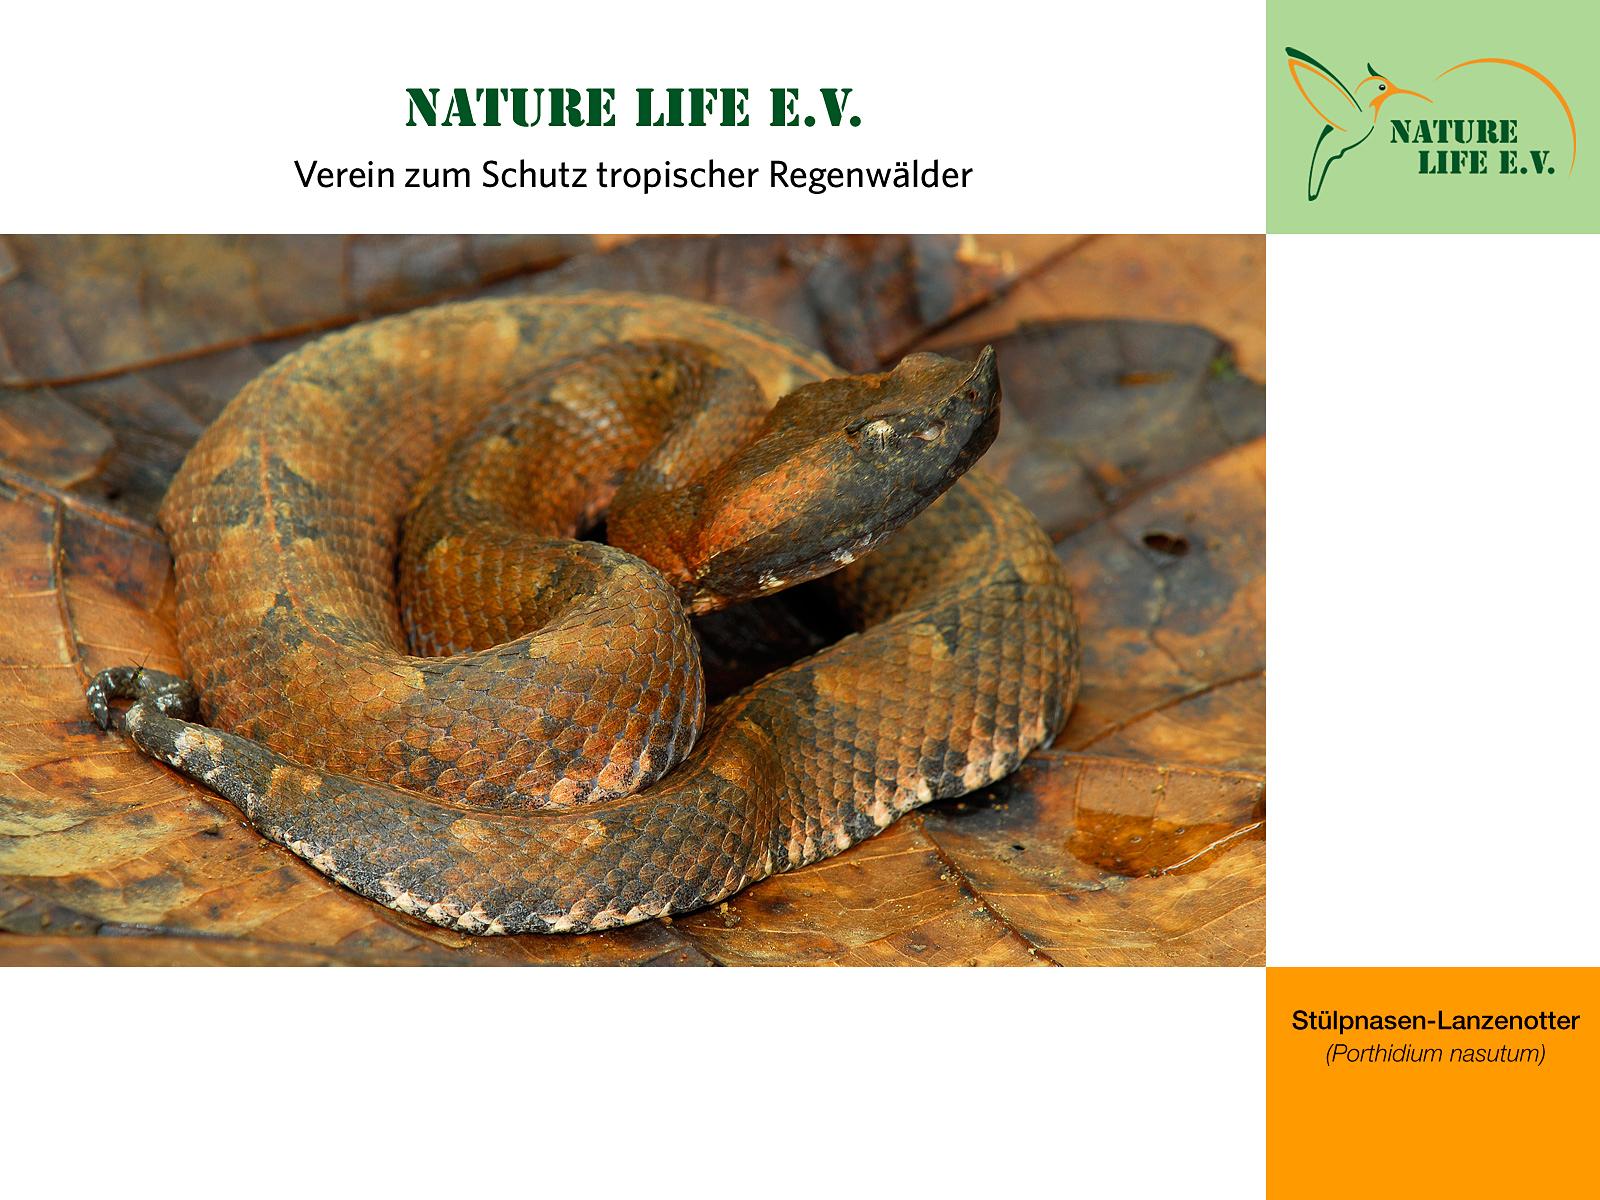 Stülpnasen-Lanzenotter (Porthidium nasutum) 1600 x 1200